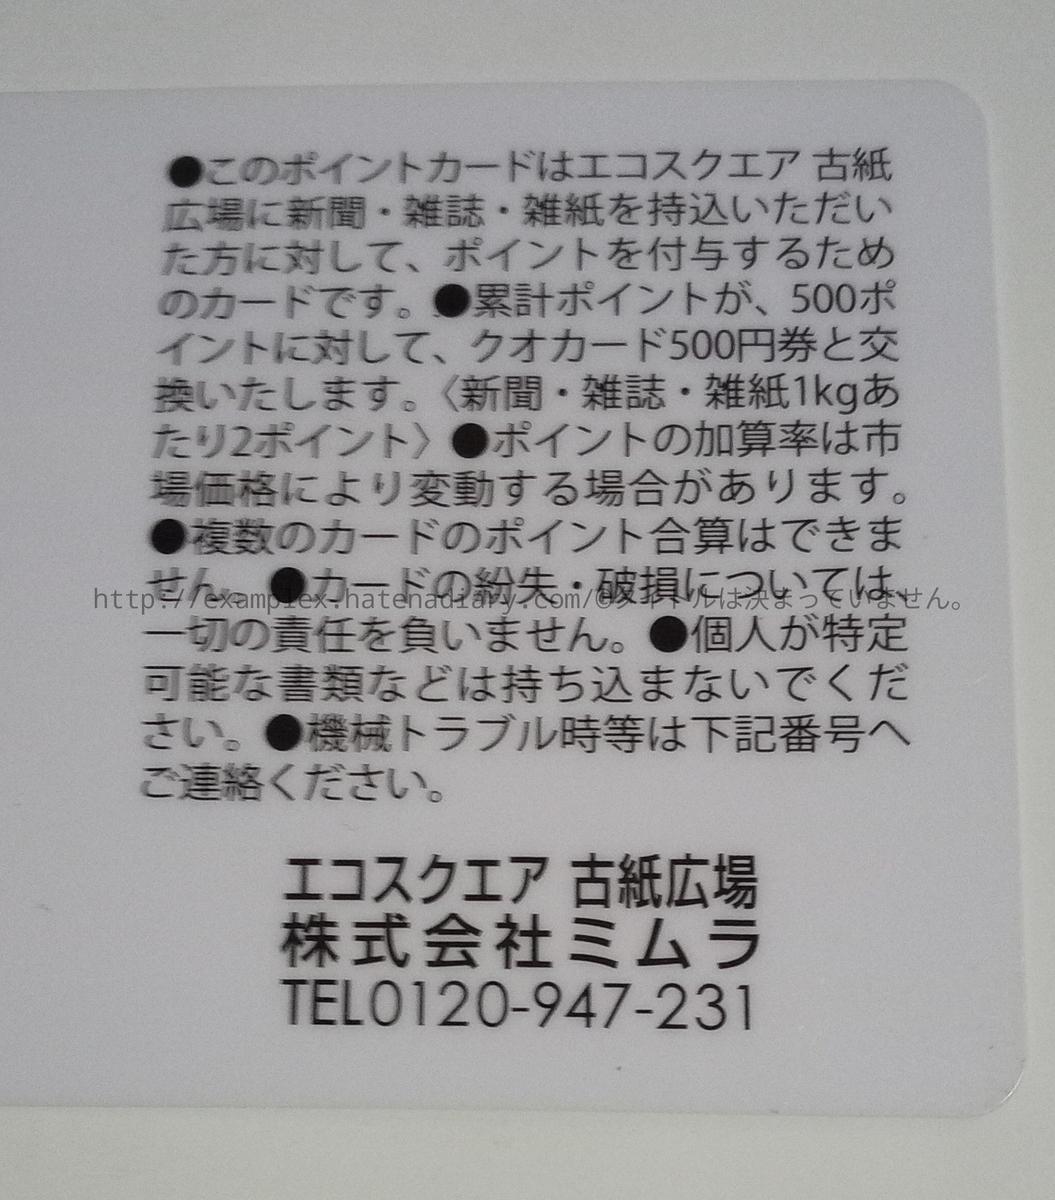 f:id:examplexz:20200531121322j:plain